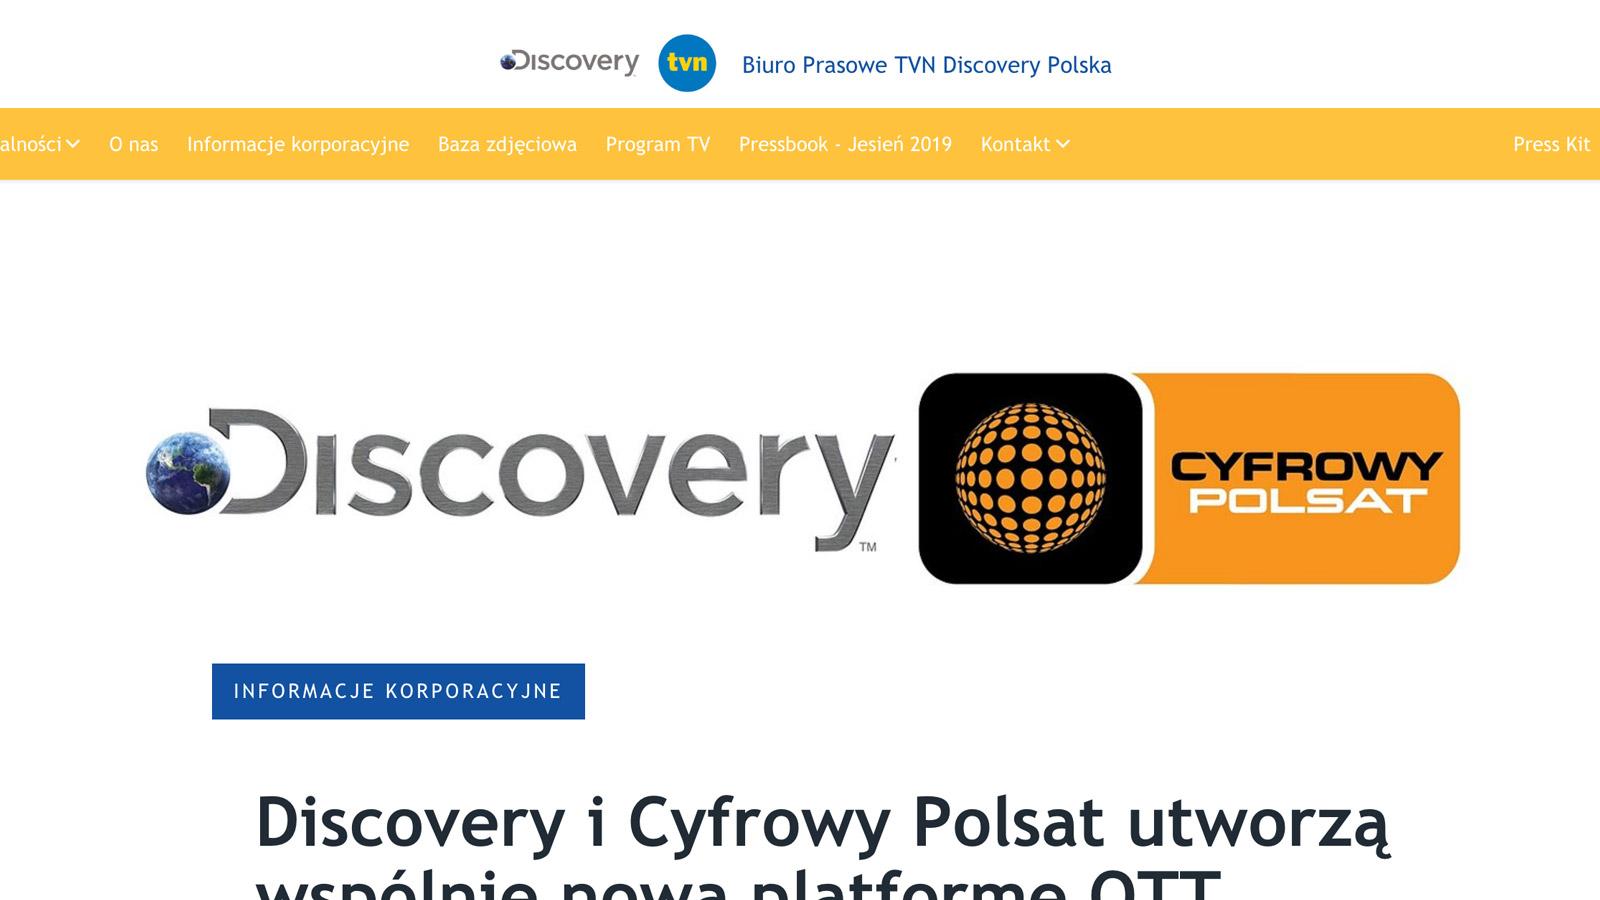 TVN i POLSAT łączą siły i tworzą nową platformę POLSAT mediarun tvn polsat platforma www 2019